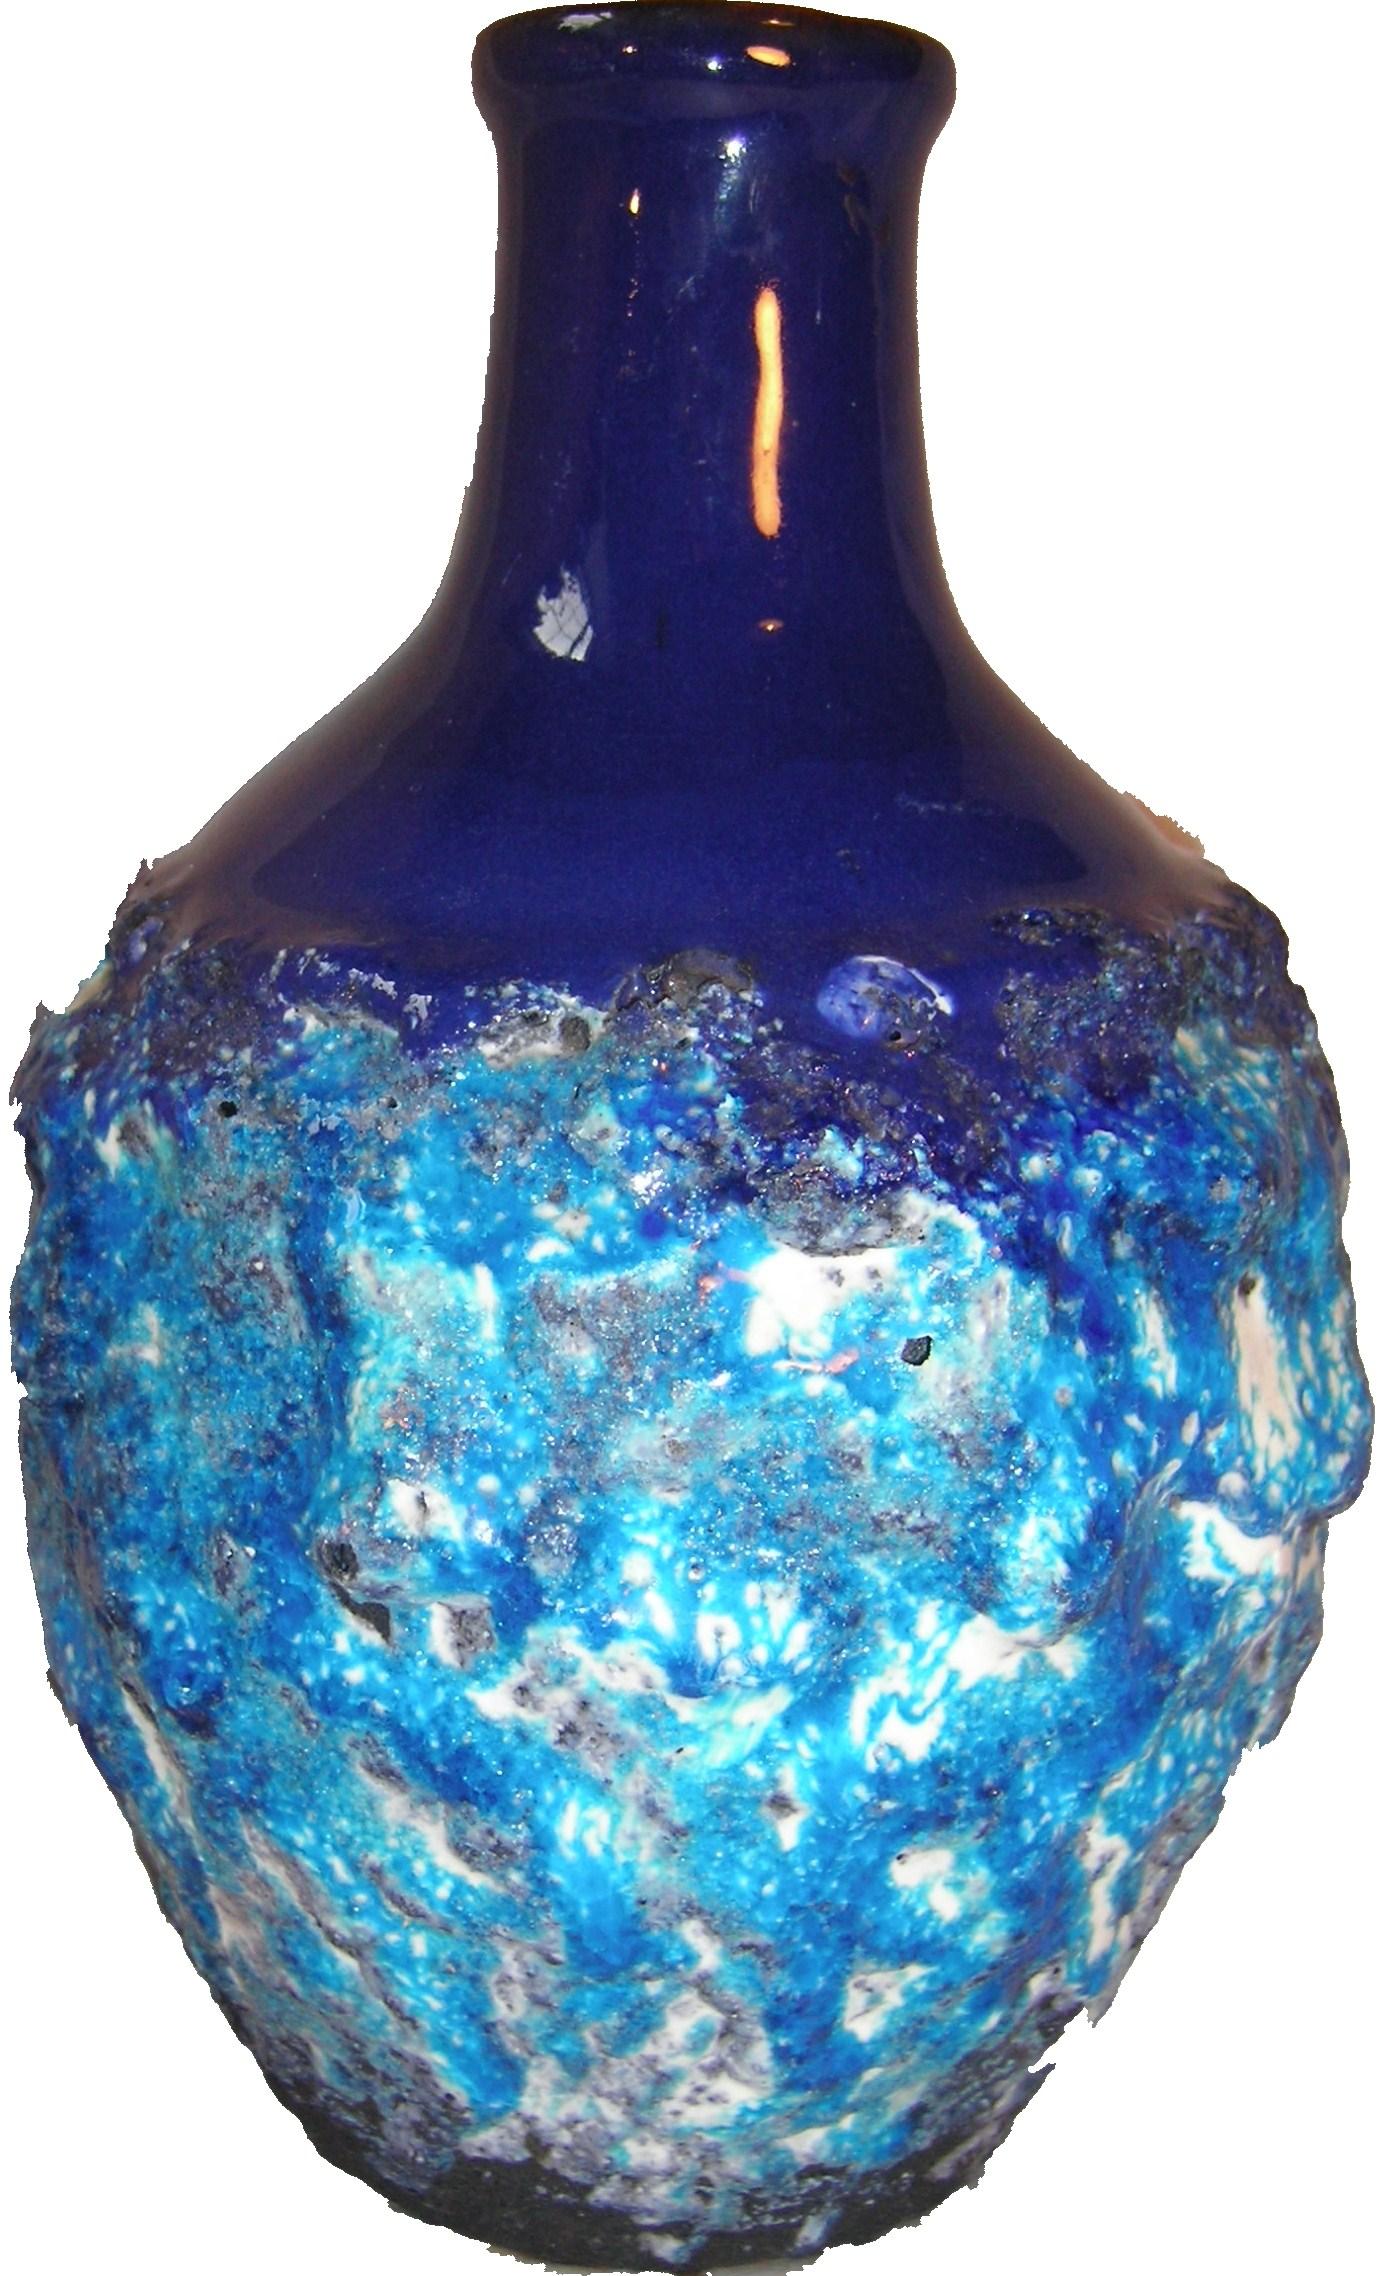 Marei 4100 – Capri Glaze Decor Fat Lava Ceramics Pot vase   Pots And ...